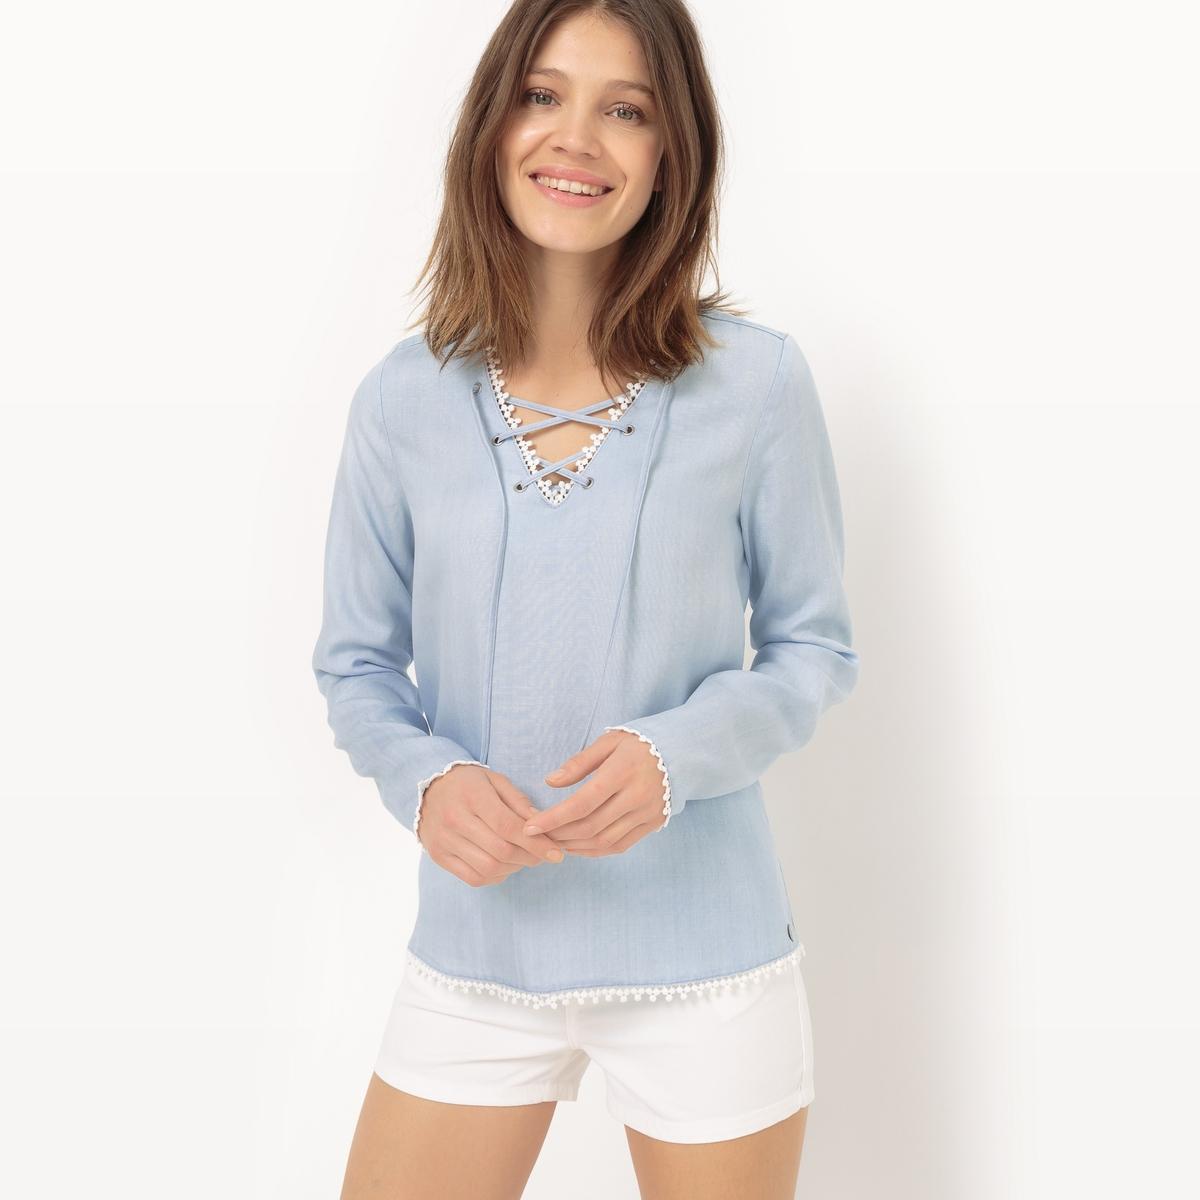 Блузка с вырезом и шнуровкойМатериал : 100% лиоцелл    Длина рукава : длинные рукава  Форма воротника : V-образный вырез  Длина блузки : стандартная   Рисунок : однотонная модель<br><br>Цвет: голубой